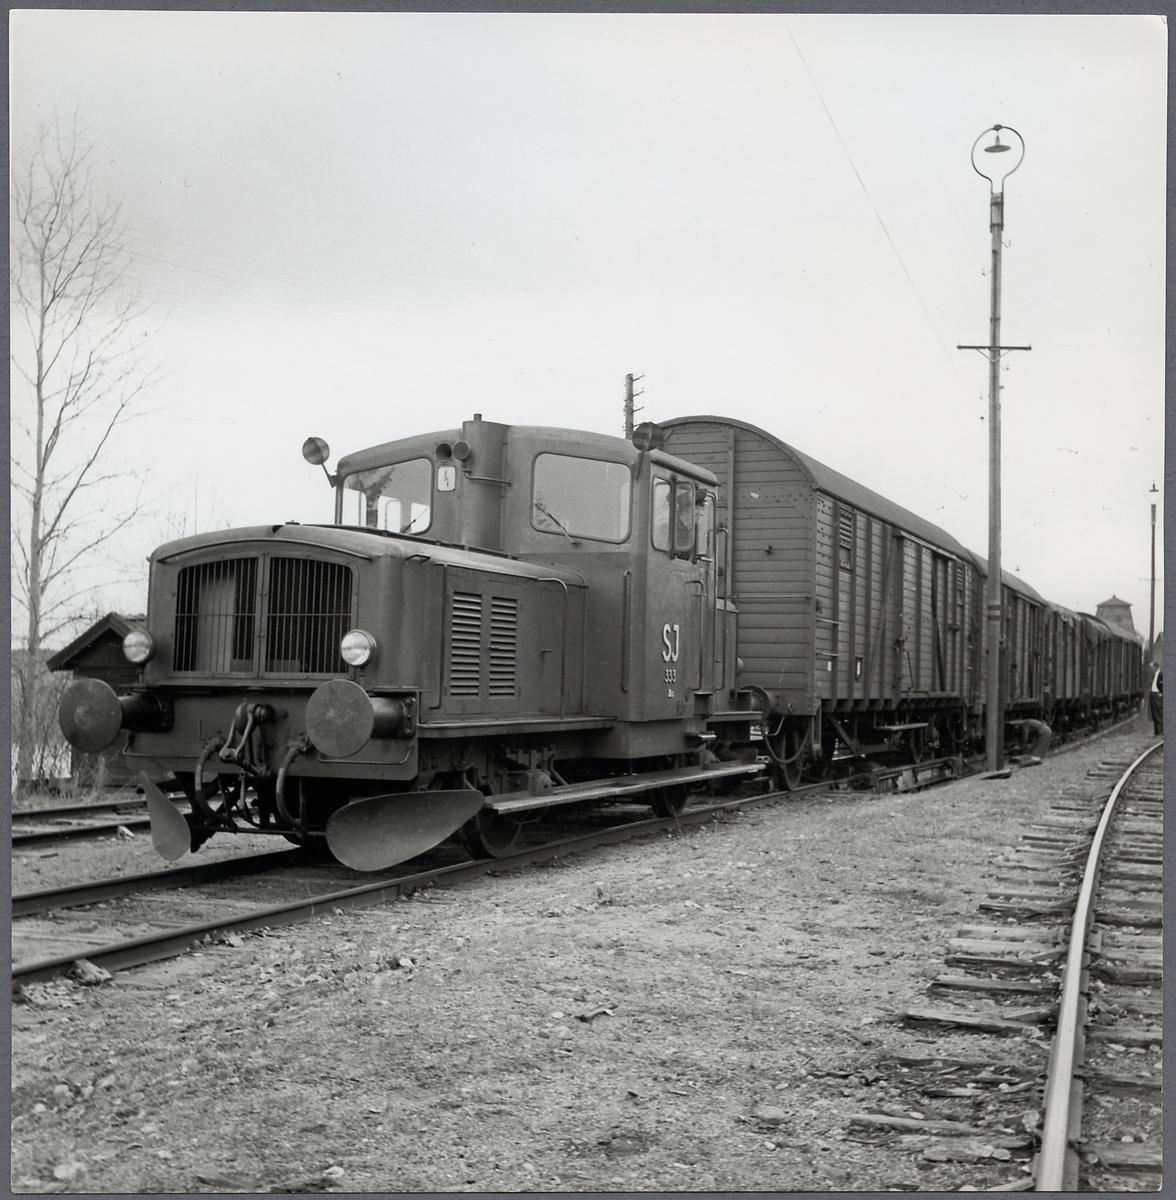 Statens Järnvägar, SJ Z4 333. Rampning av normalspåriga godsvagnar till/från överföringsvagnar.